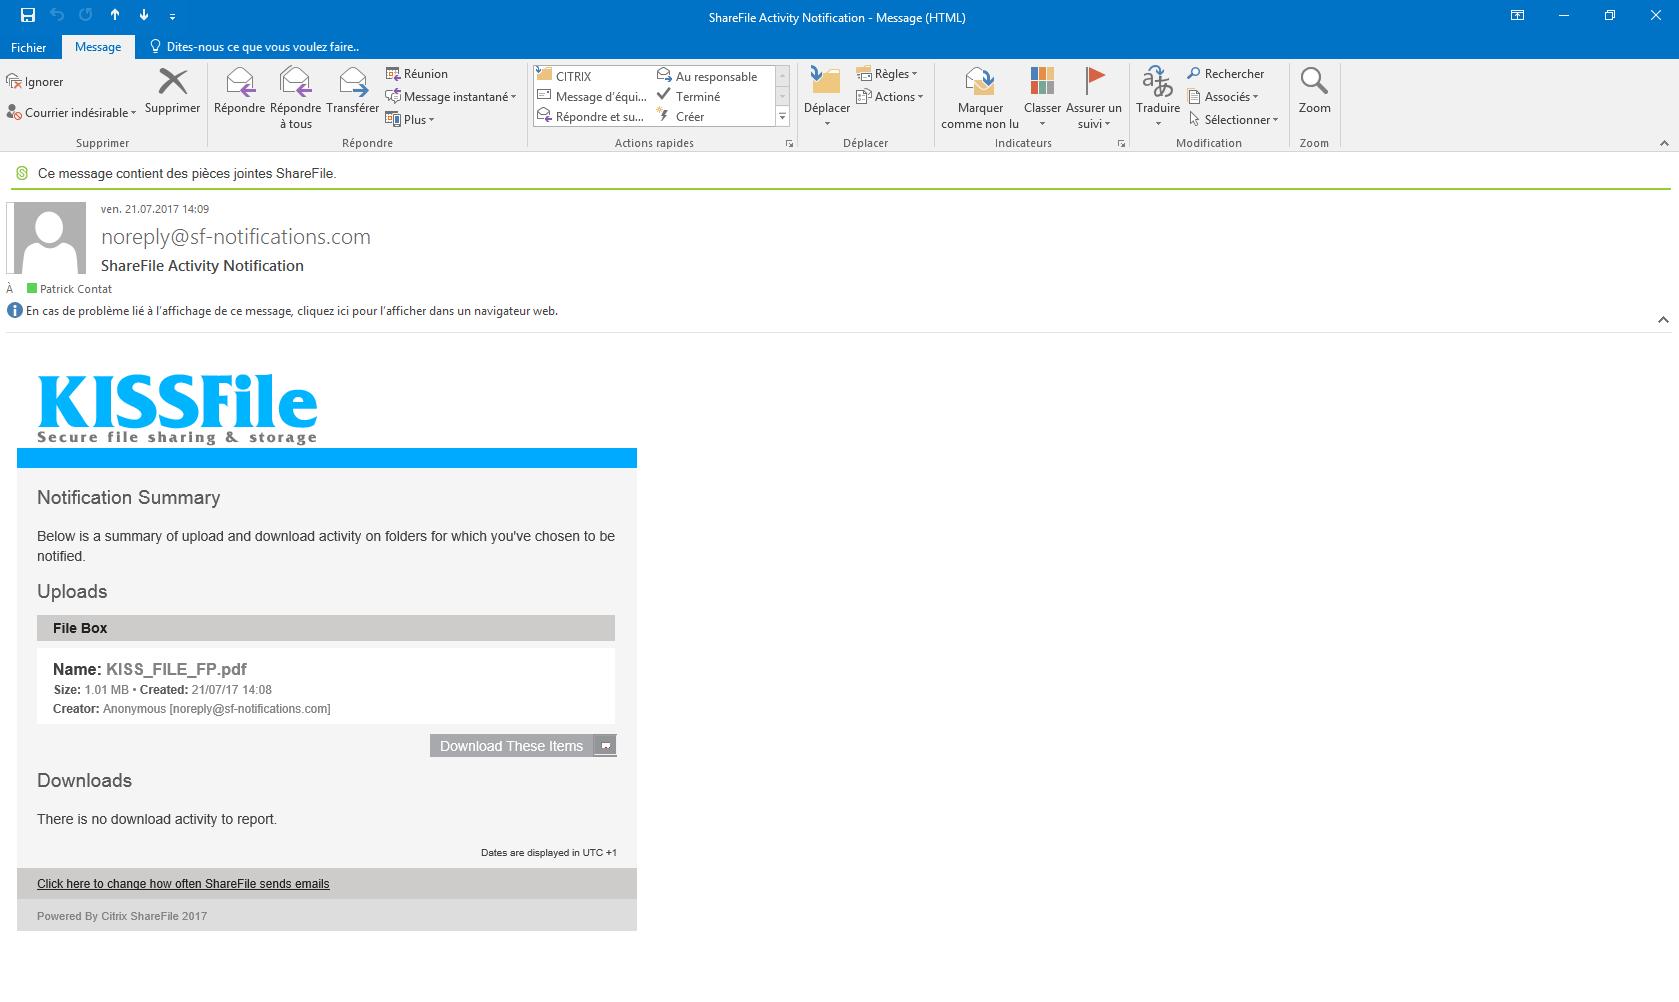 KissFile - Citrix ShareFile - Demande de fichier via Outlook notification